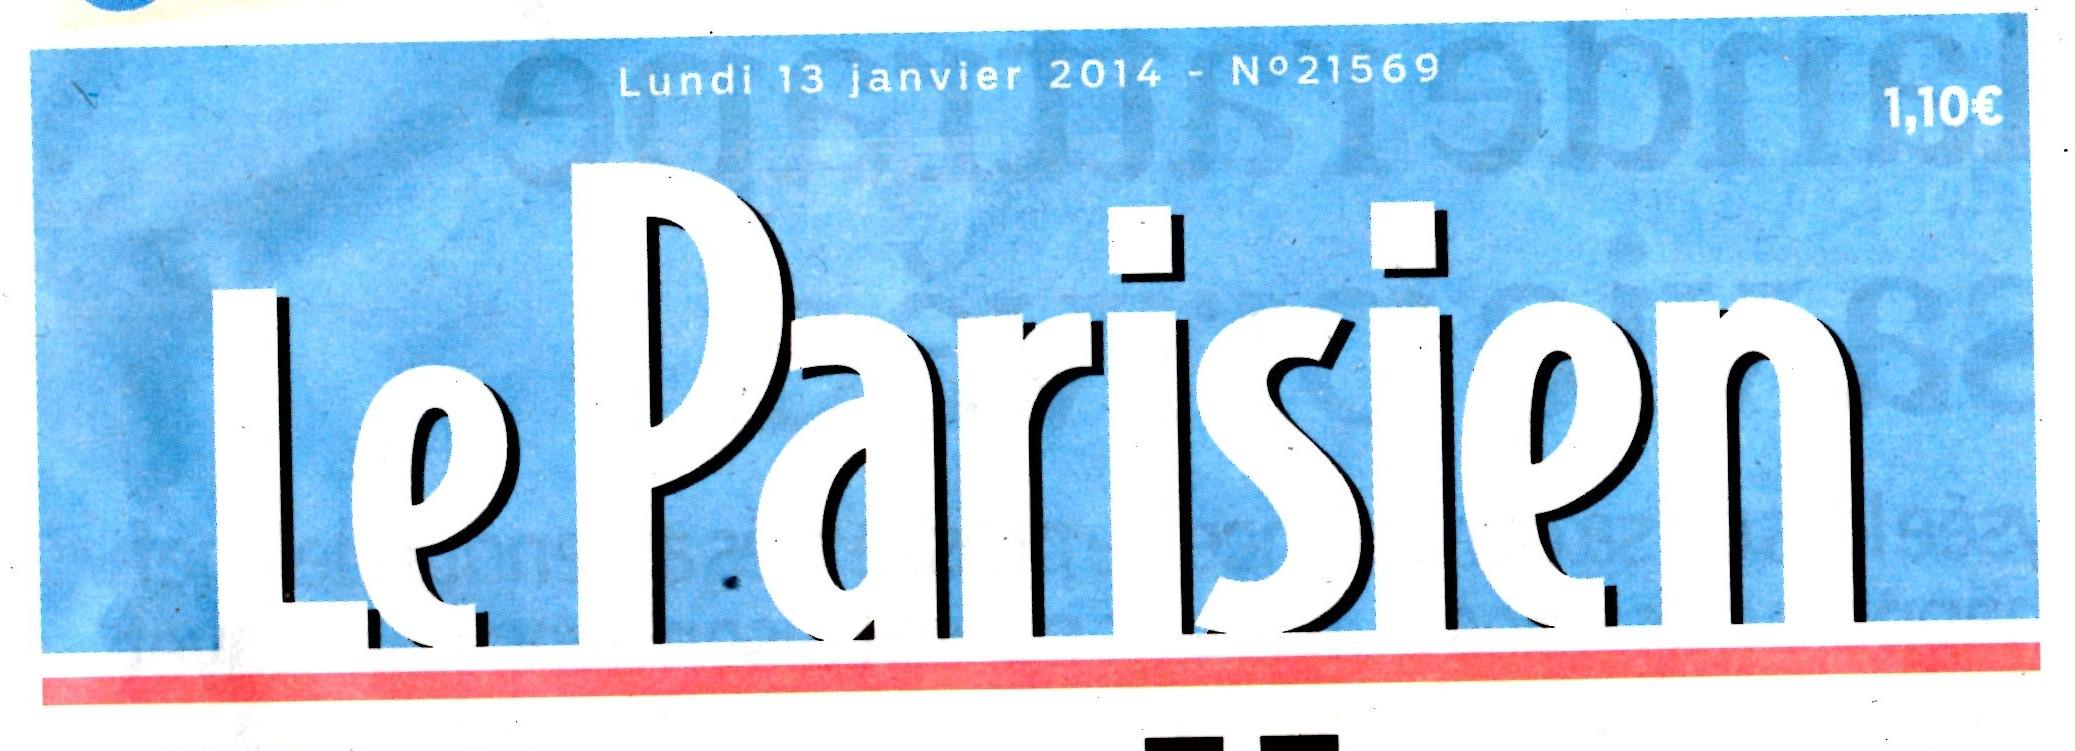 ARTICLE DE PRESSE 13 JANVIER 2014